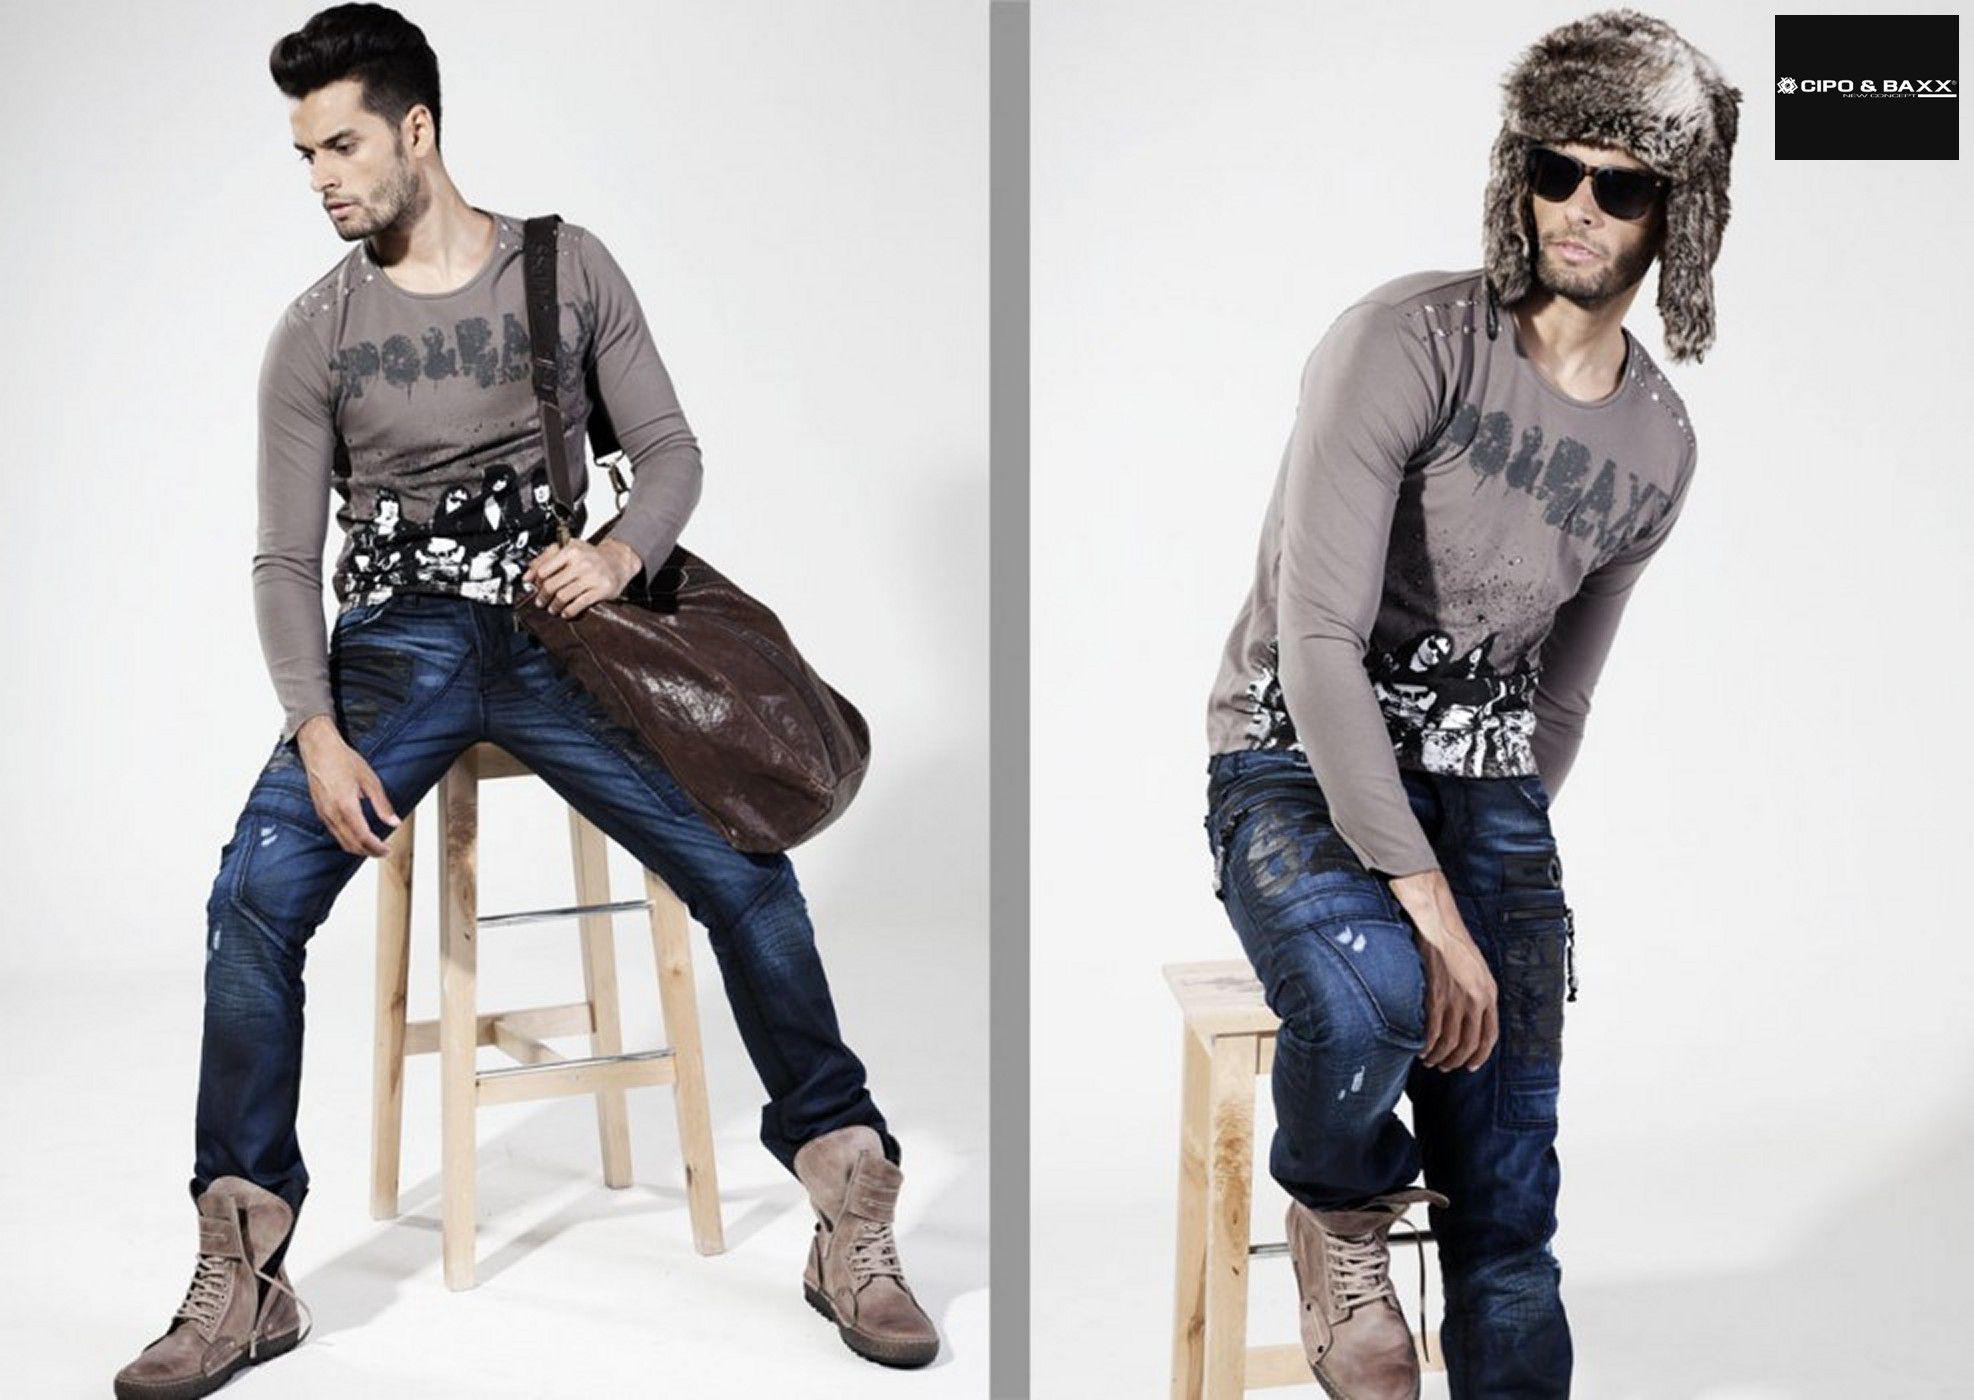 Visavis одежда и белье вконтакте